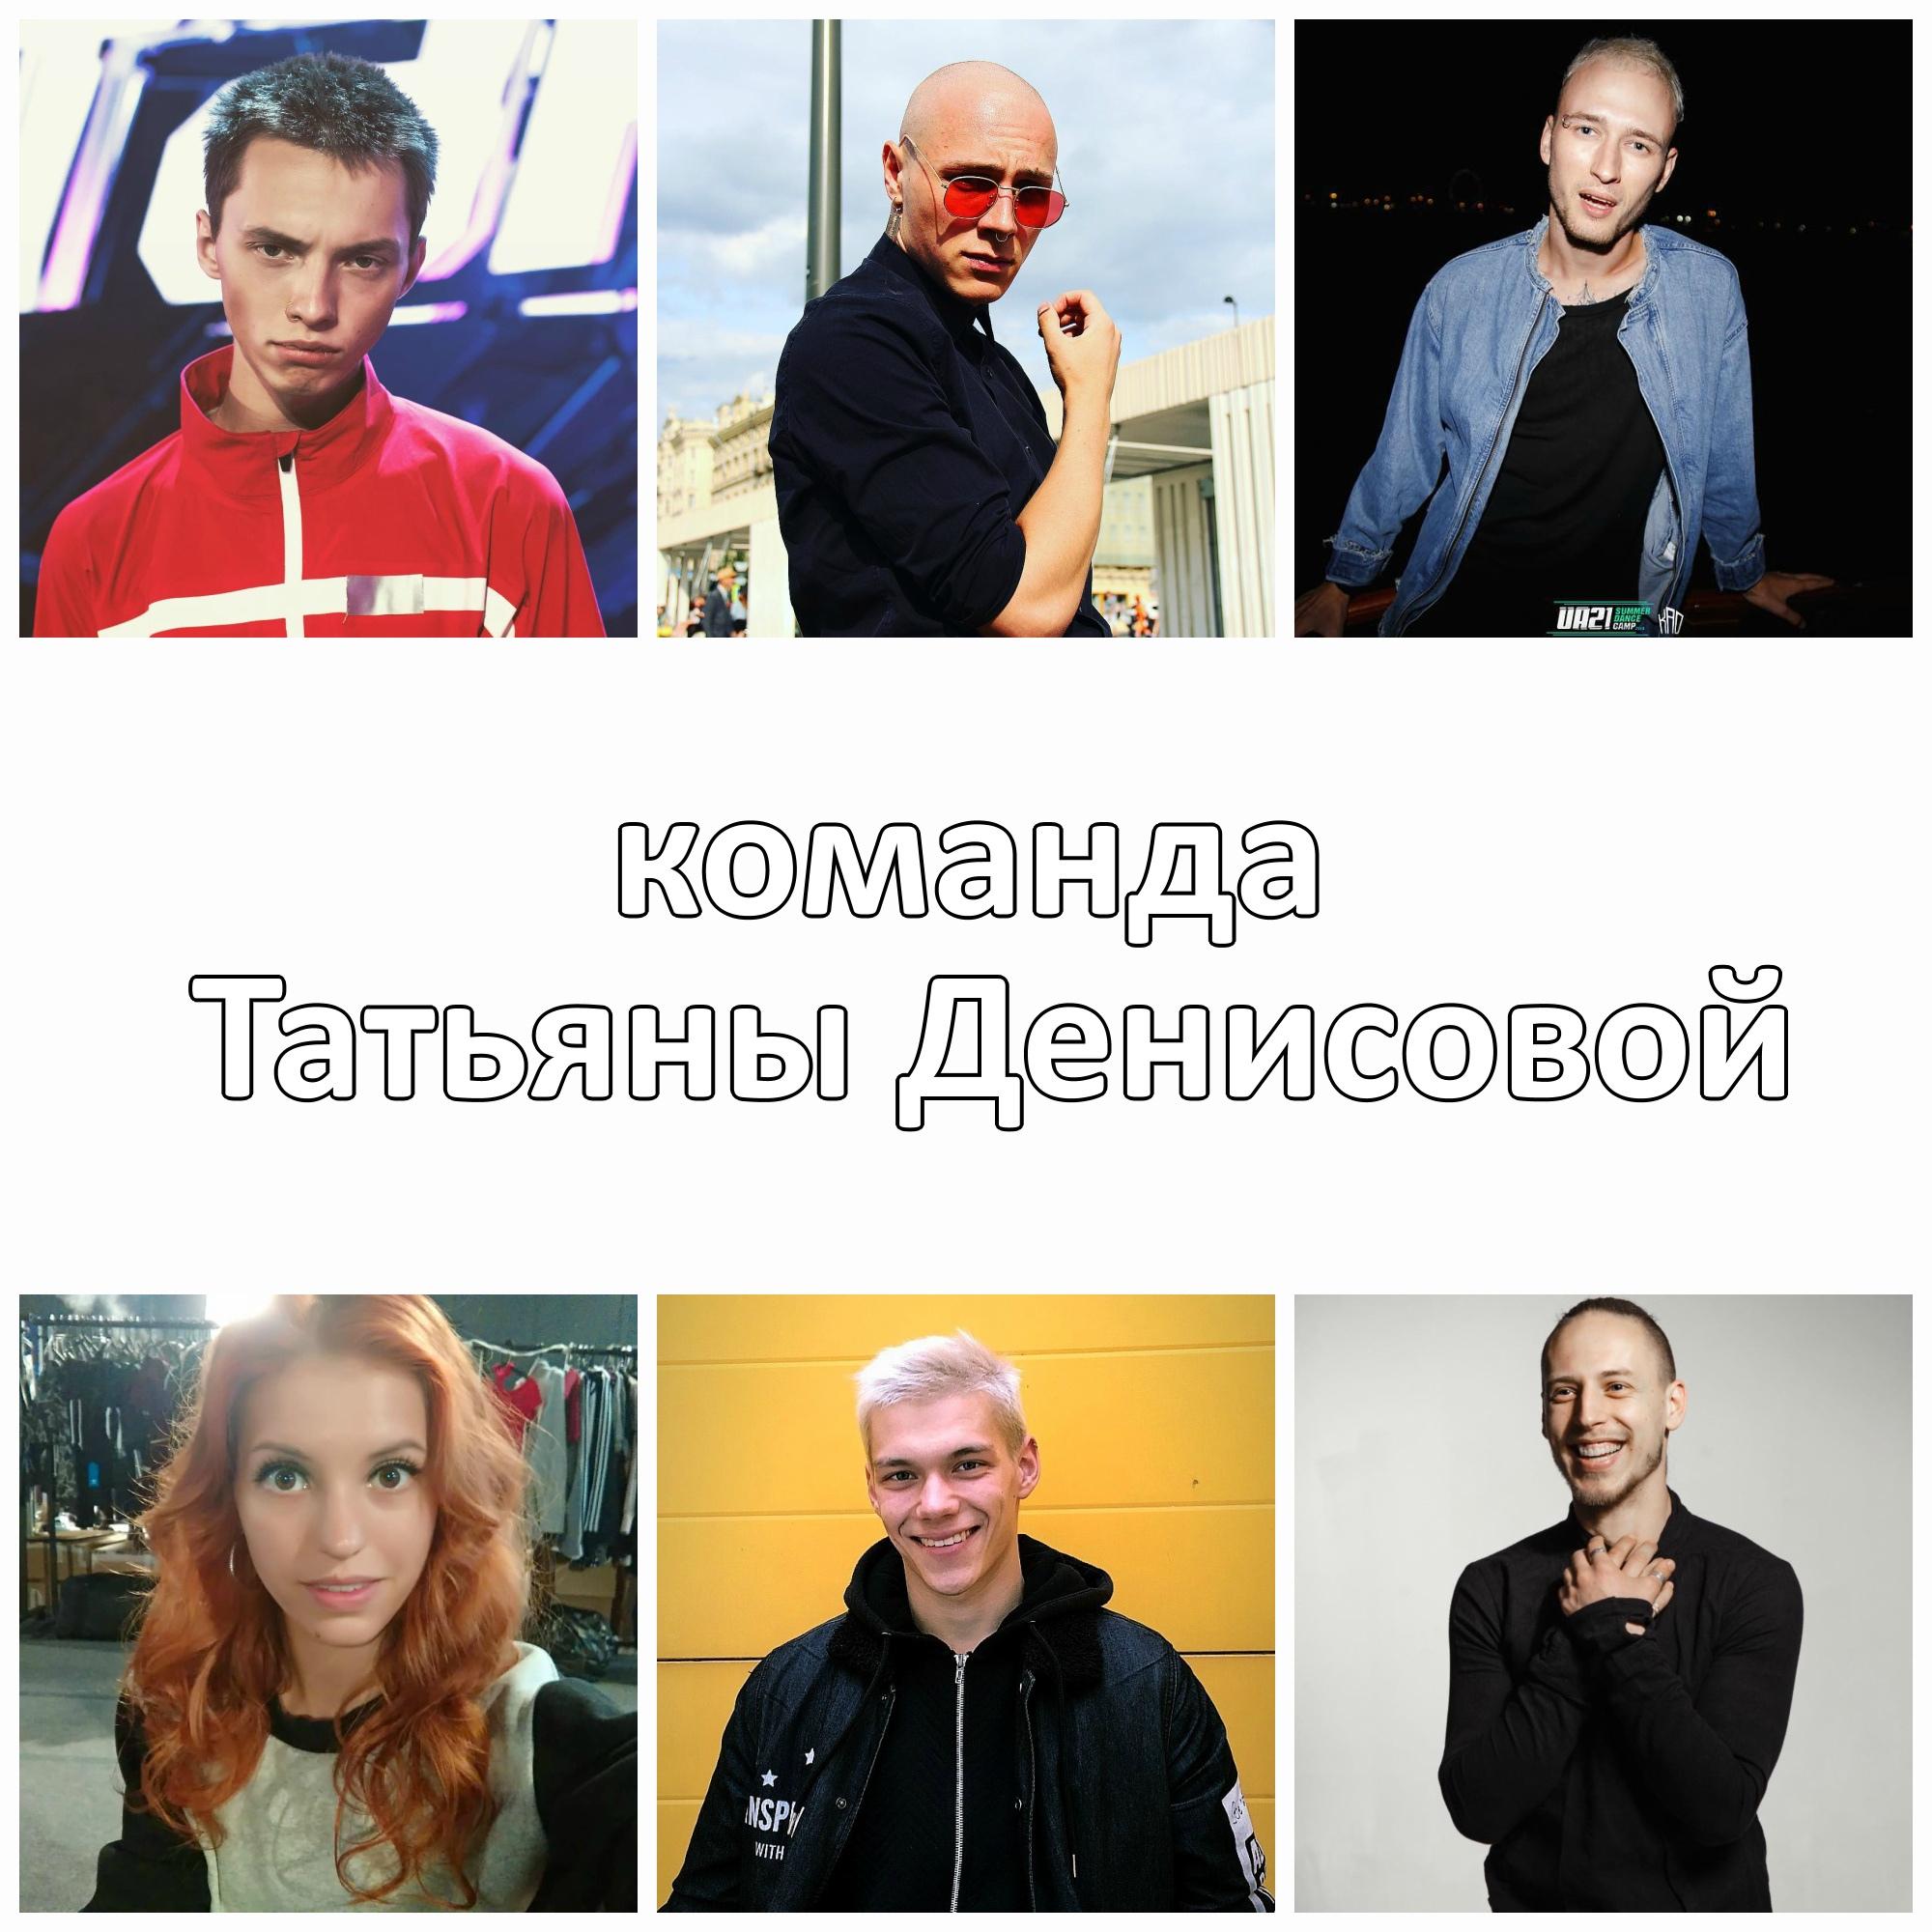 Танцы на ТНТ 5 сезон команда Татьяны Денисовой